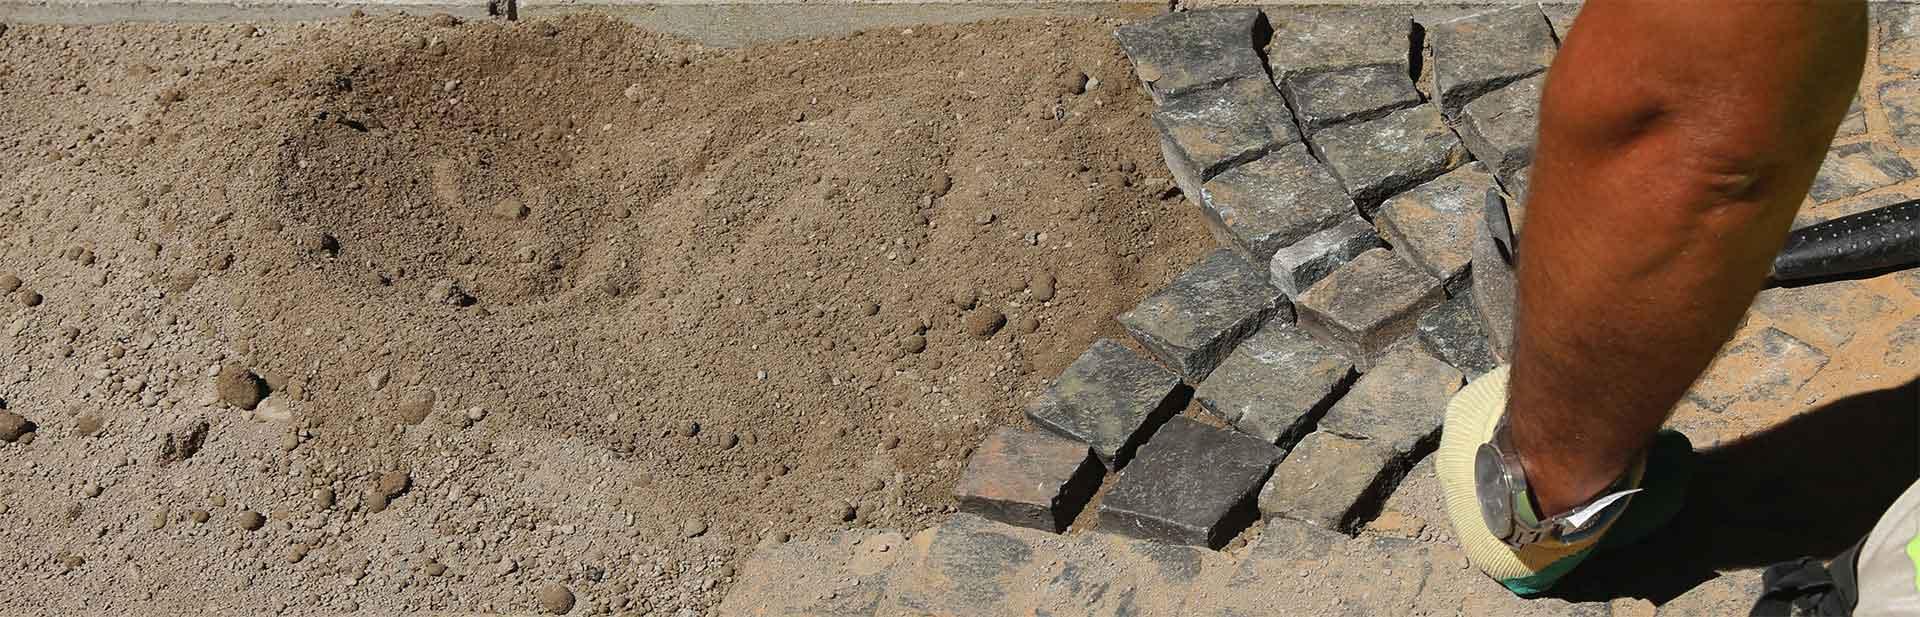 Lapitec Costo Al Mq pavimenti e rivestimenti in porfido | esterni (bianco, rosso